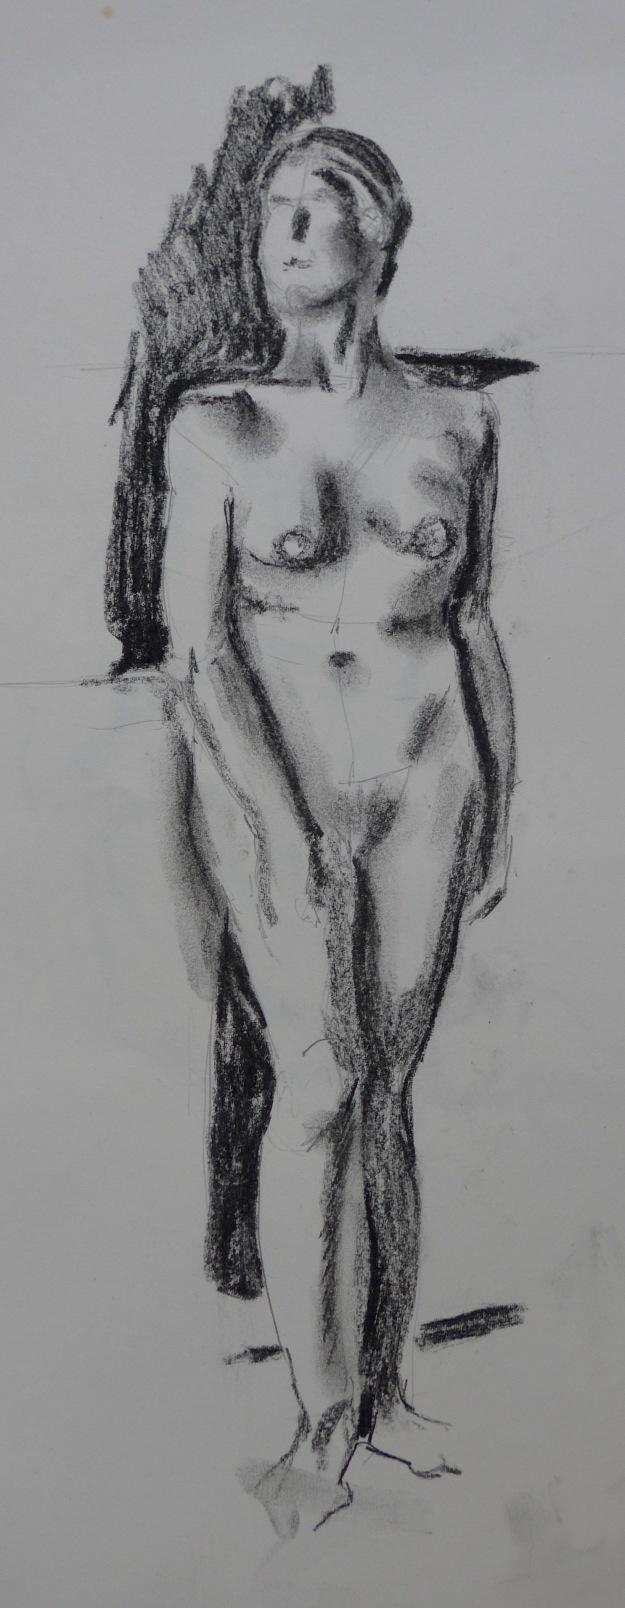 152-1 Life Drawing